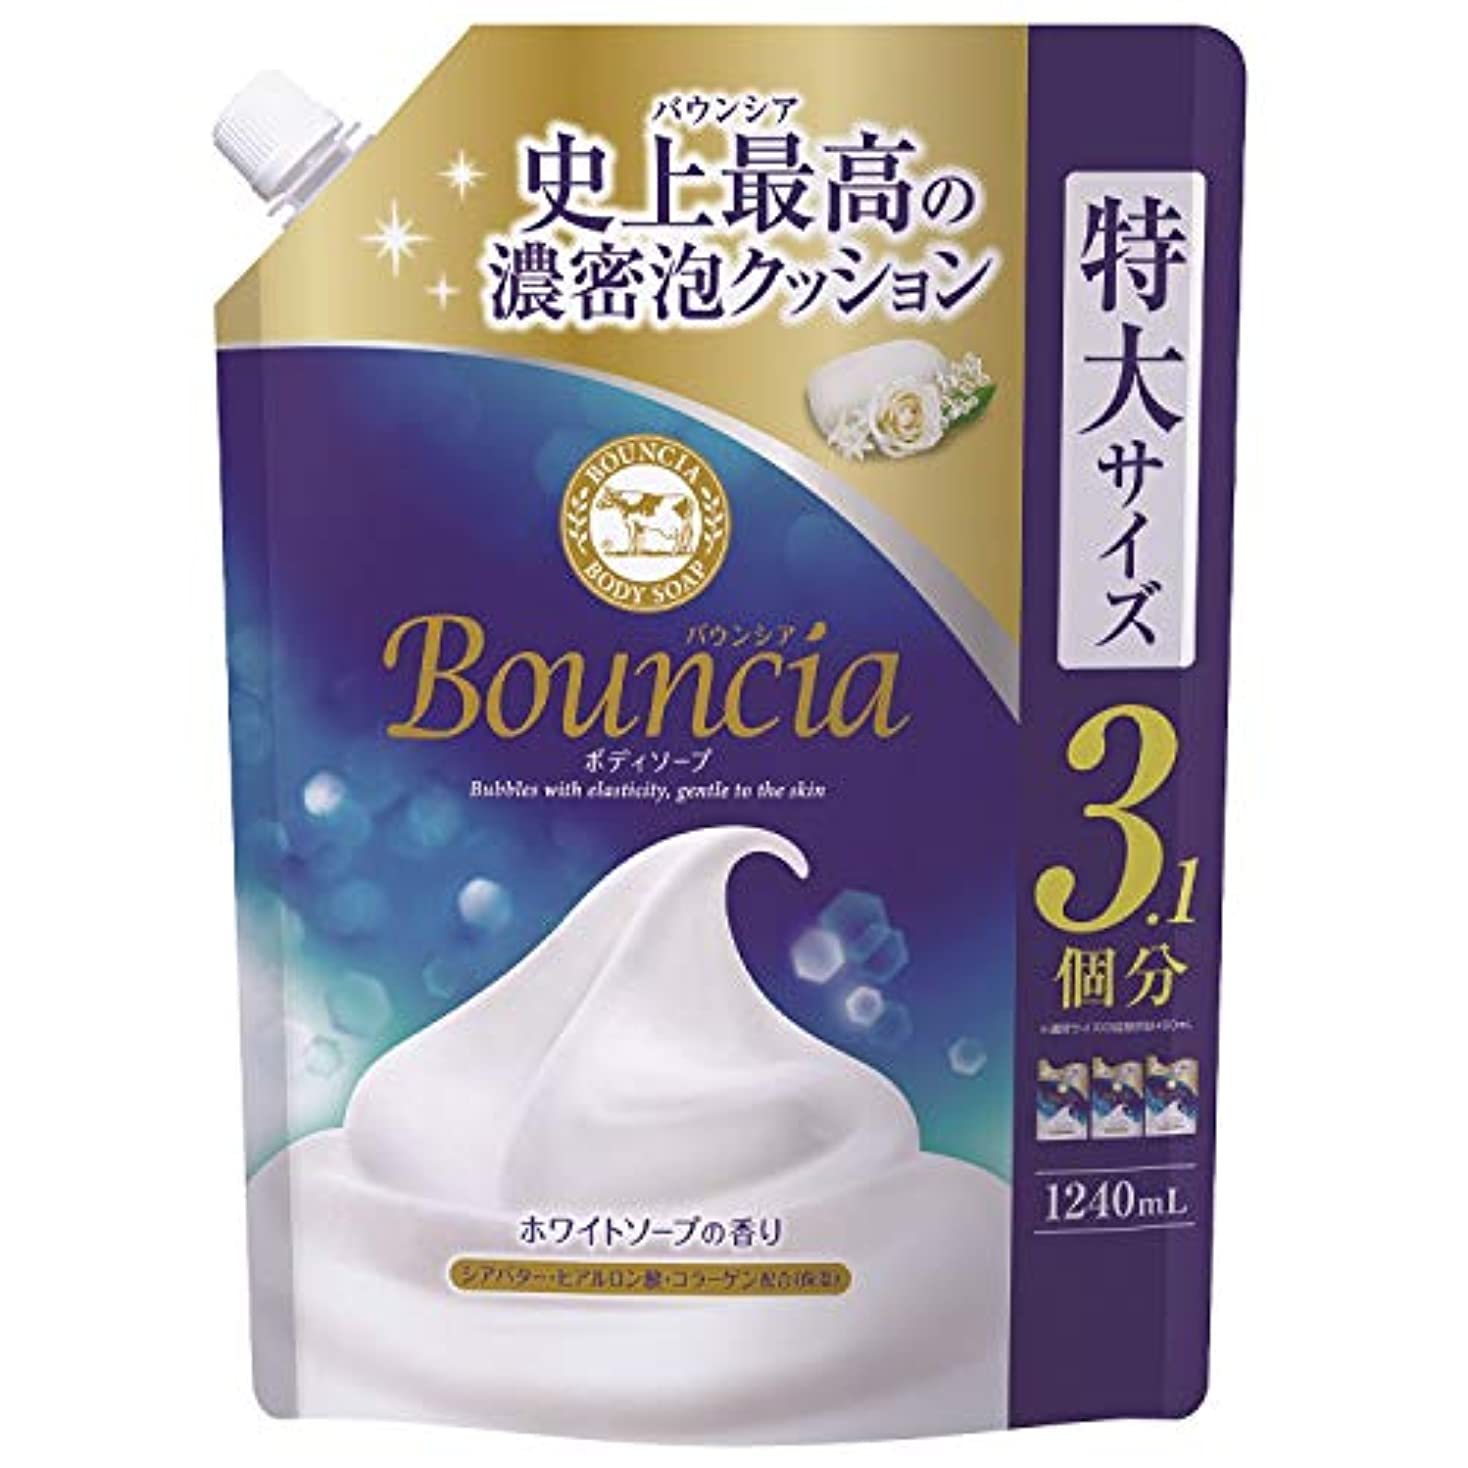 氏閃光くつろぎ【大容量】バウンシアボディソープ 詰替用1240mL